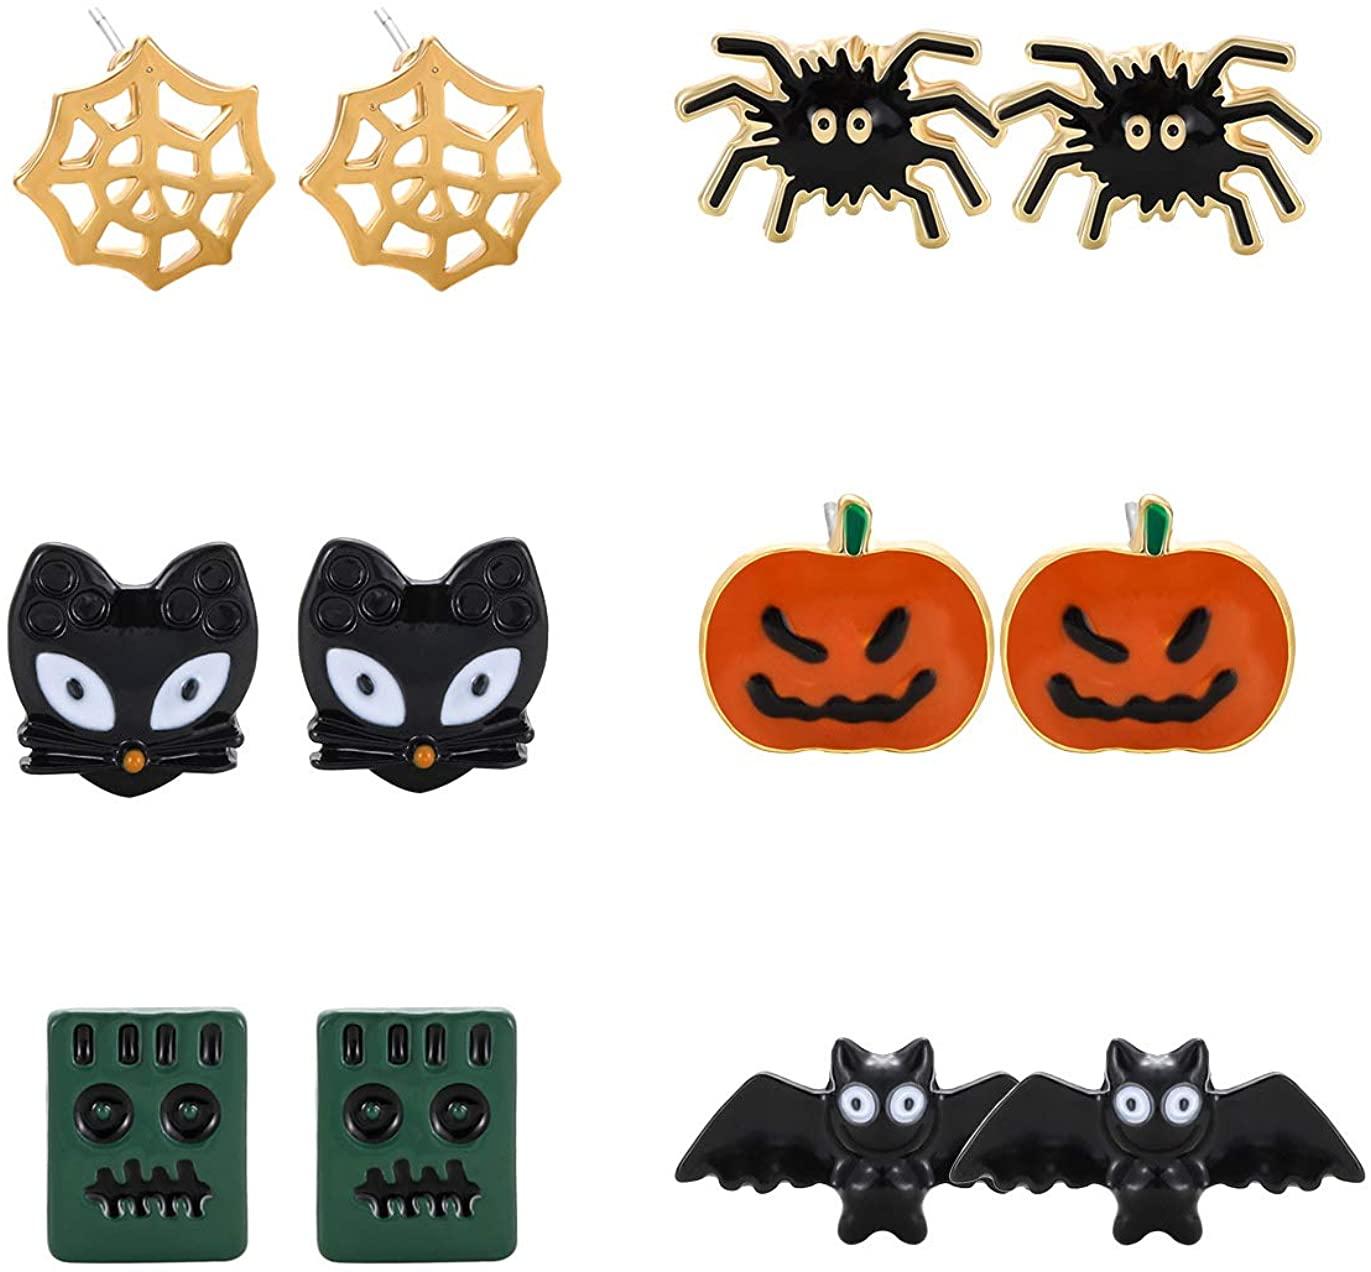 NVENF Halloween Earrings Spider Bat Pumpkin Ghost Drop Dangle Earrings Halloween Theme Party Dress Up Stud Earring Set for Women Girls